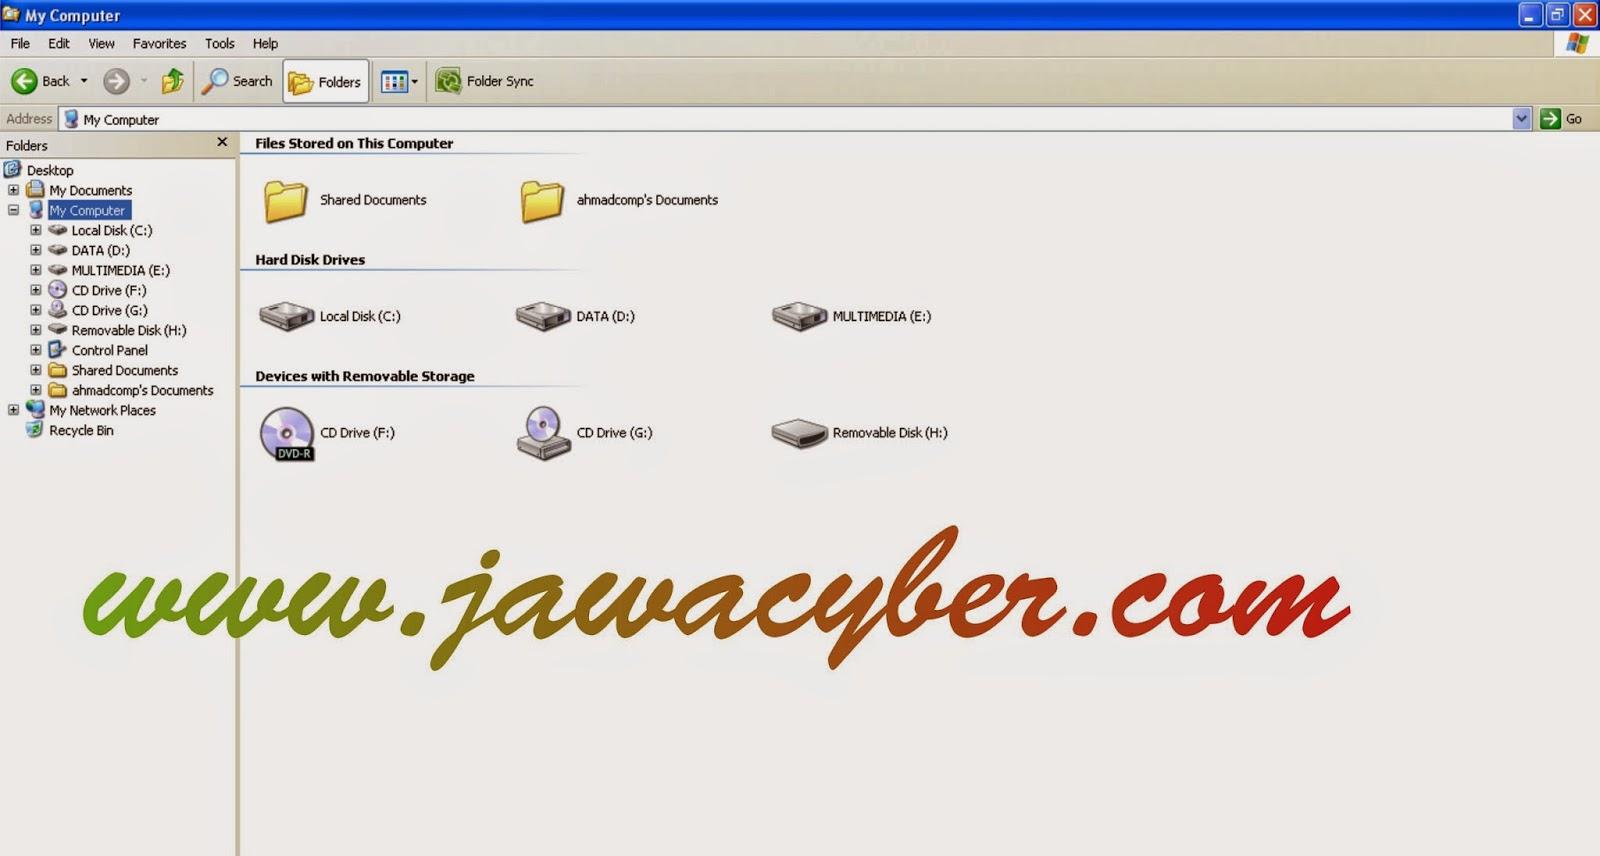 Cara Menyembunyikan Folder Atau File Pada Komputer